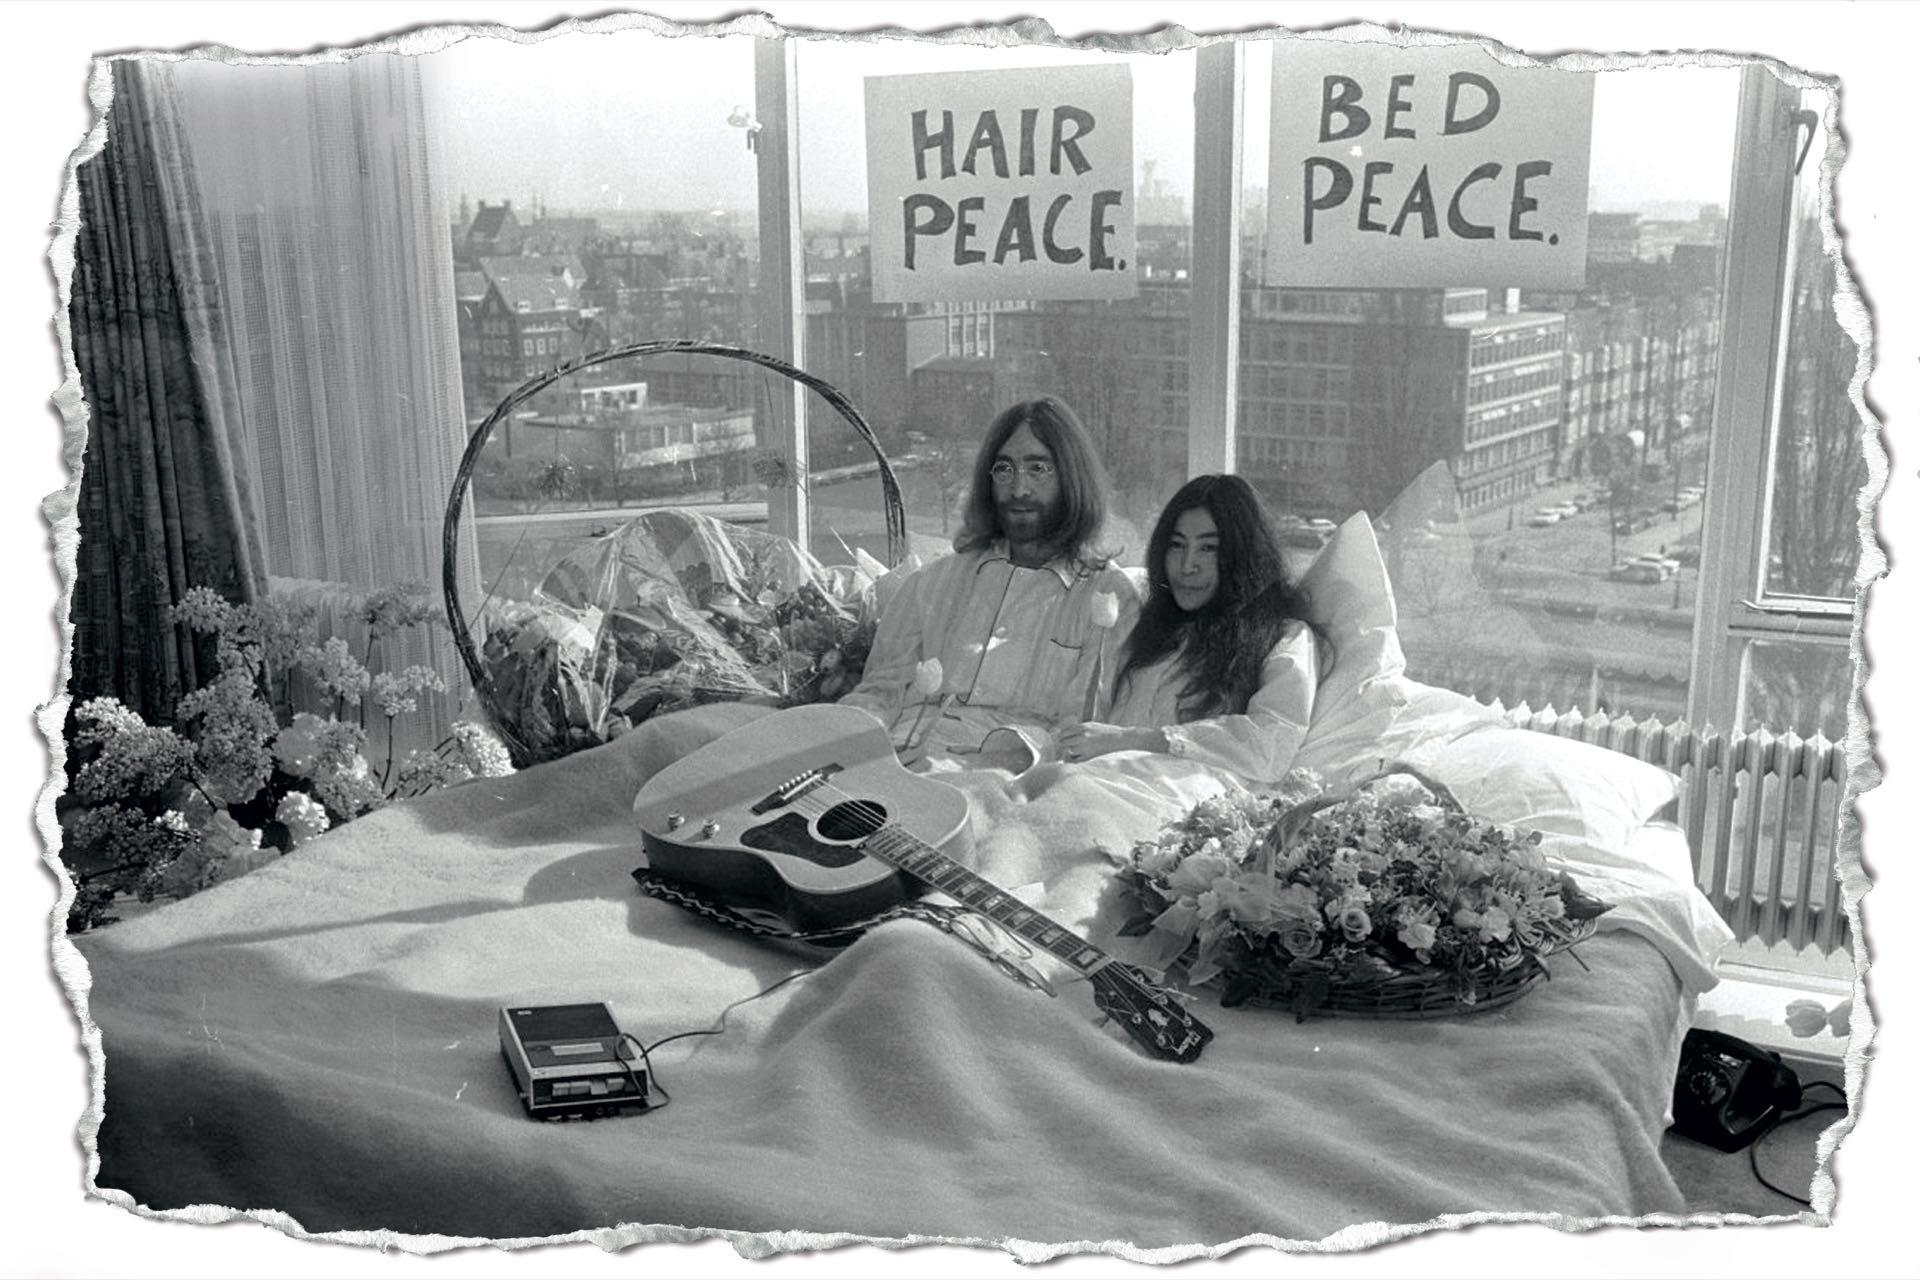 """El 20 de marzo del '69, John Lennon y Yoko Ono habían inaugurado la modalidad """"Acuéstate por la paz"""", en el Hotel Hilton de los Países Bajos, luego de que la pareja contrajera matrimonio en Gibraltar."""